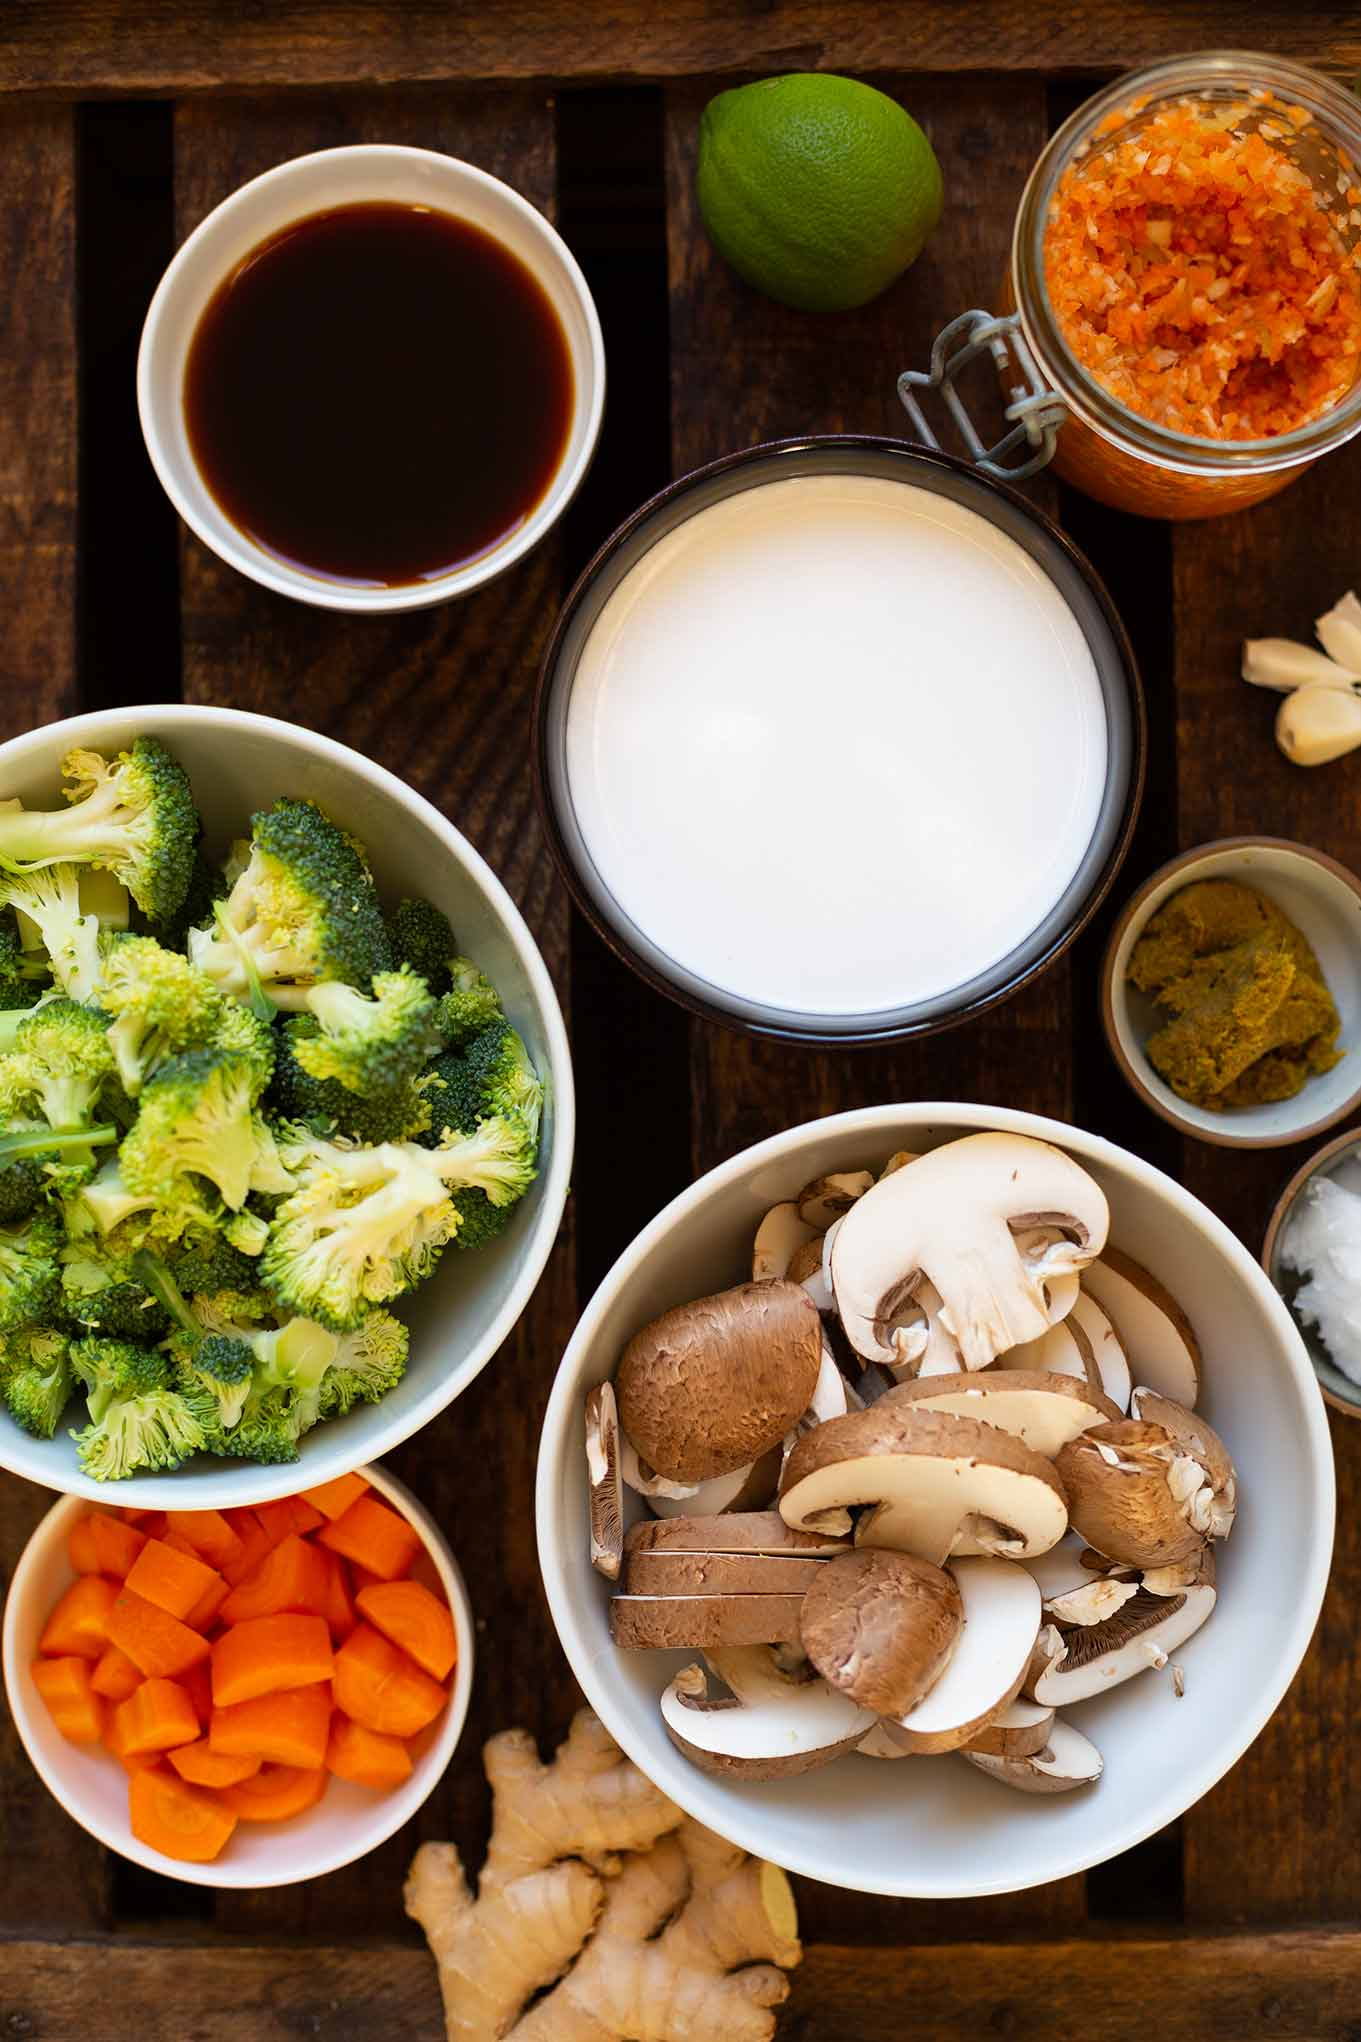 Thai-Kokos-Suppe mit Gemüse ist das perfekte Feierabendrezept. Nur ein Topf und in 30 Minuten fertig. So einfach, das musst du testen! - Kochkarussell Foodblog #thaikokossuppe #thairezept #thaisuppe #kochkarussell